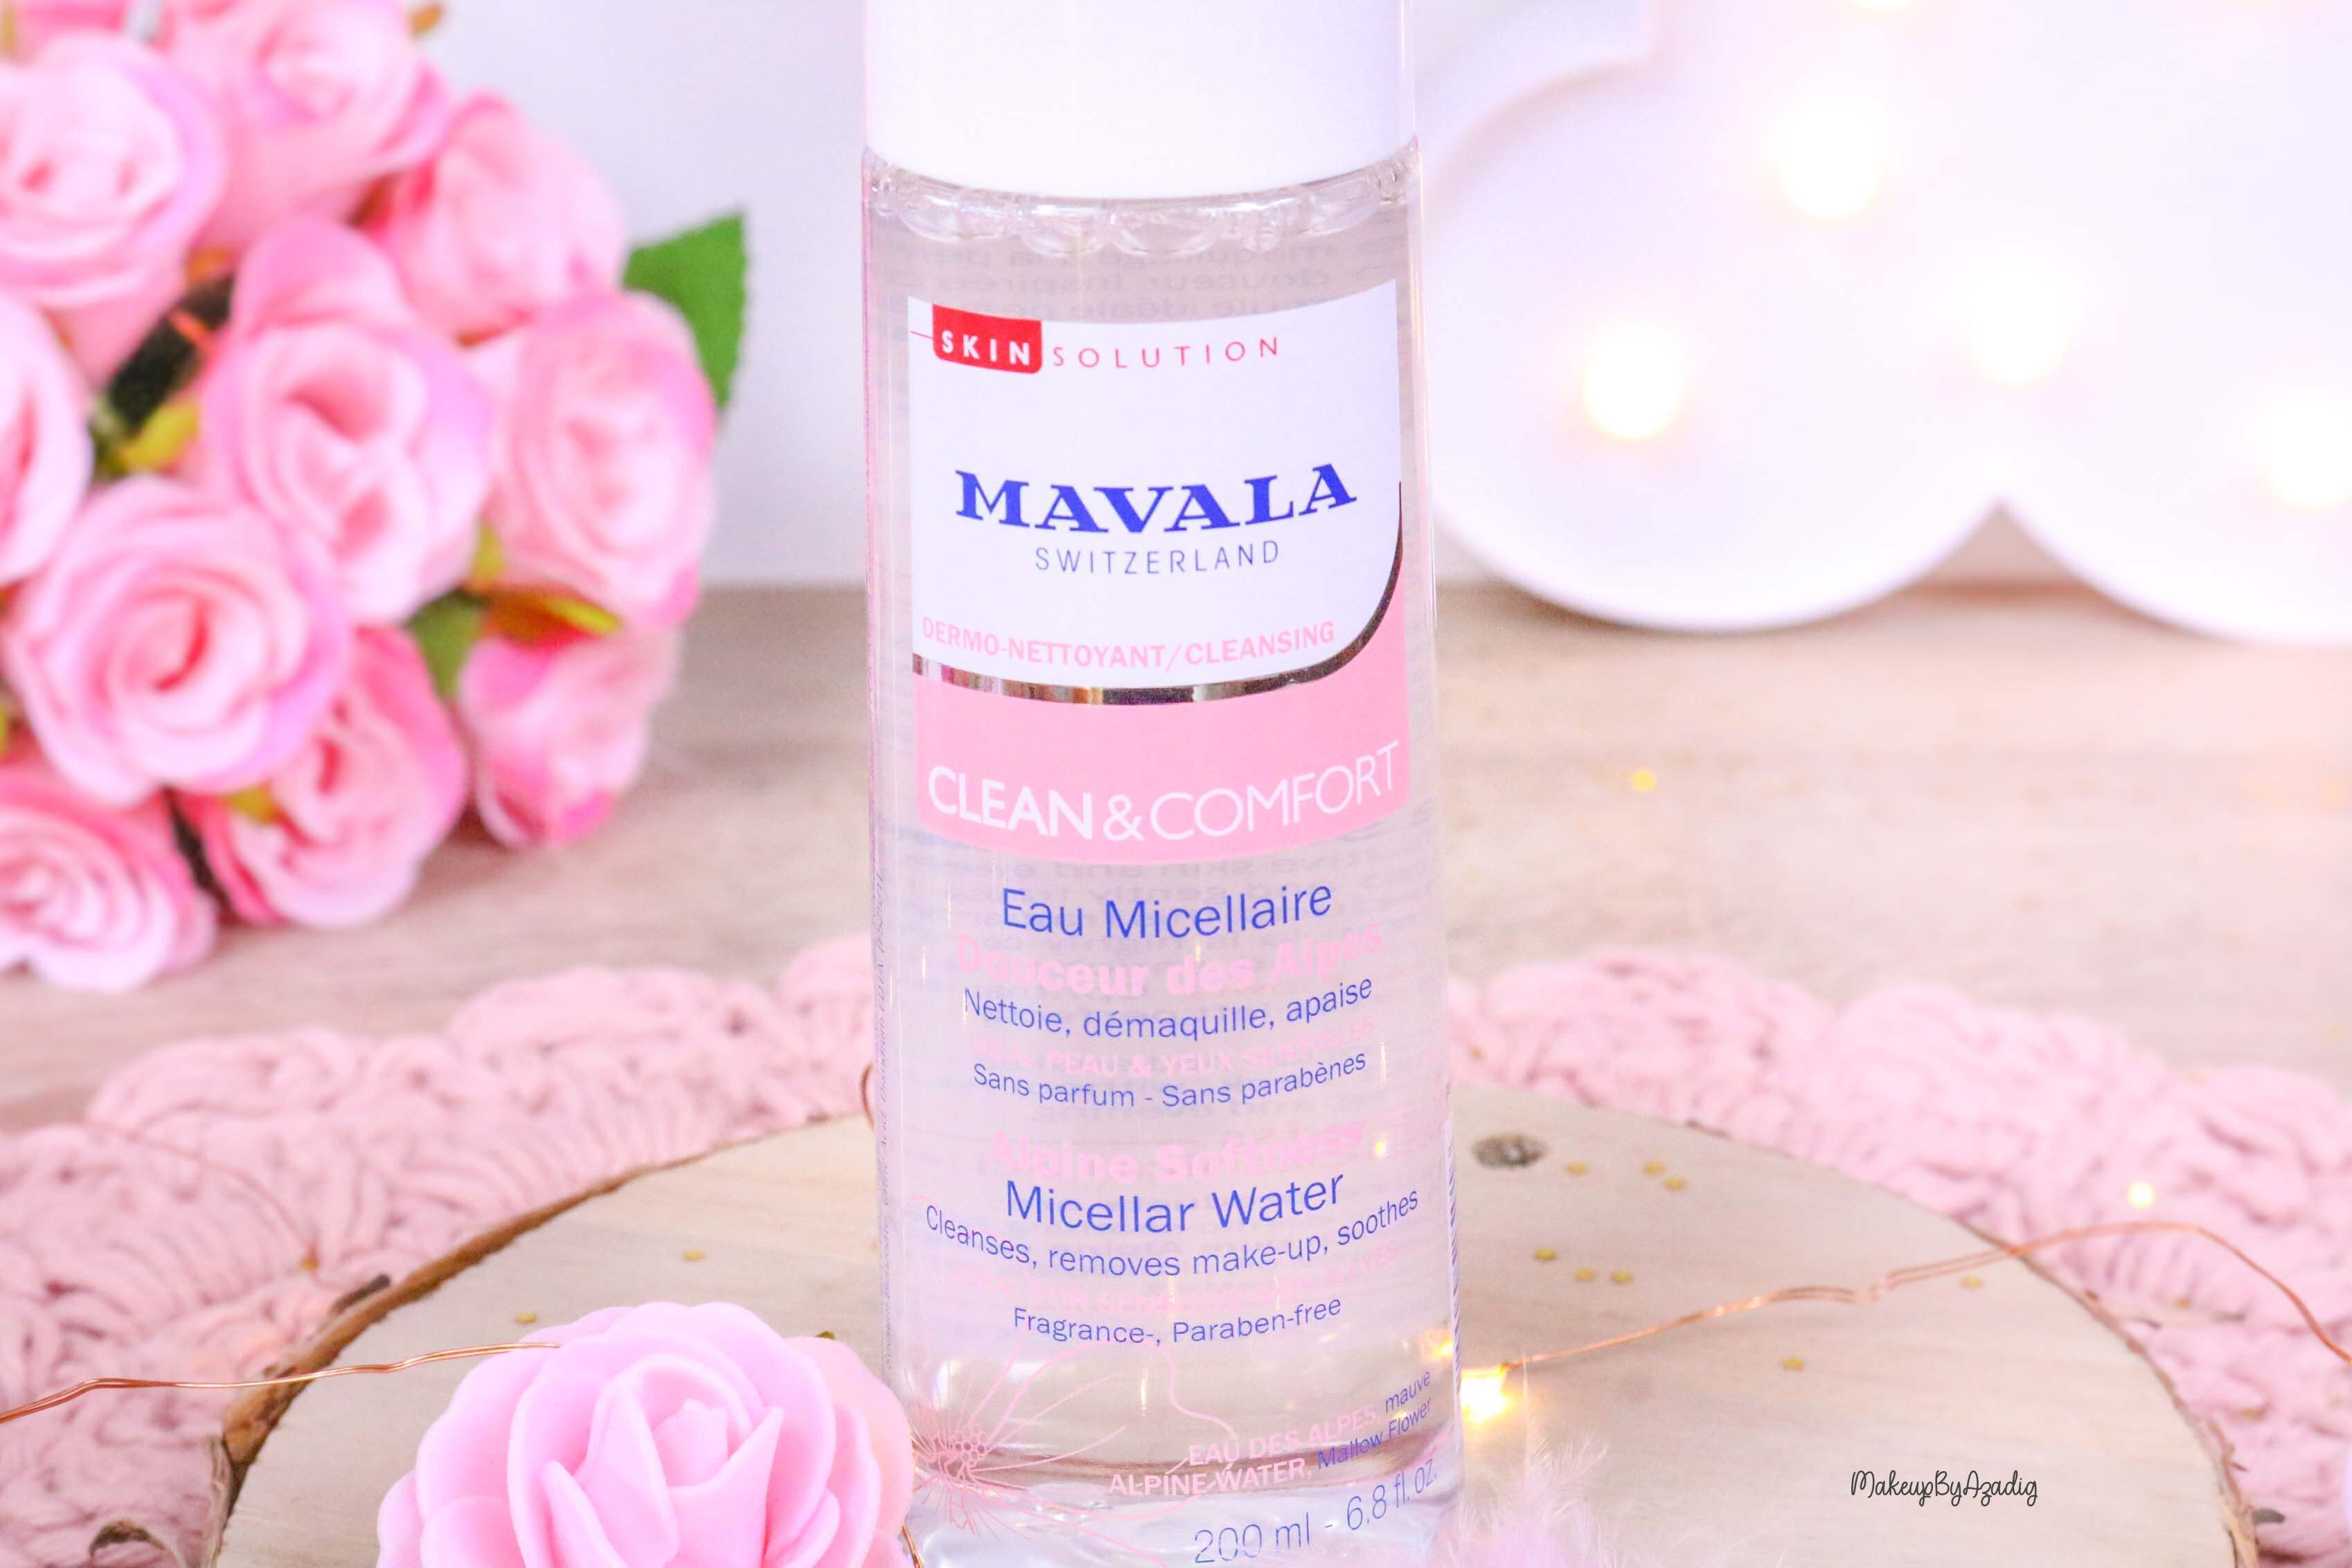 revue-routine-demaquillage-soin-confort-mavala-suisse-clean-lotion-tonique-lait-eau-micellaire-makeupbyazadig-micellar